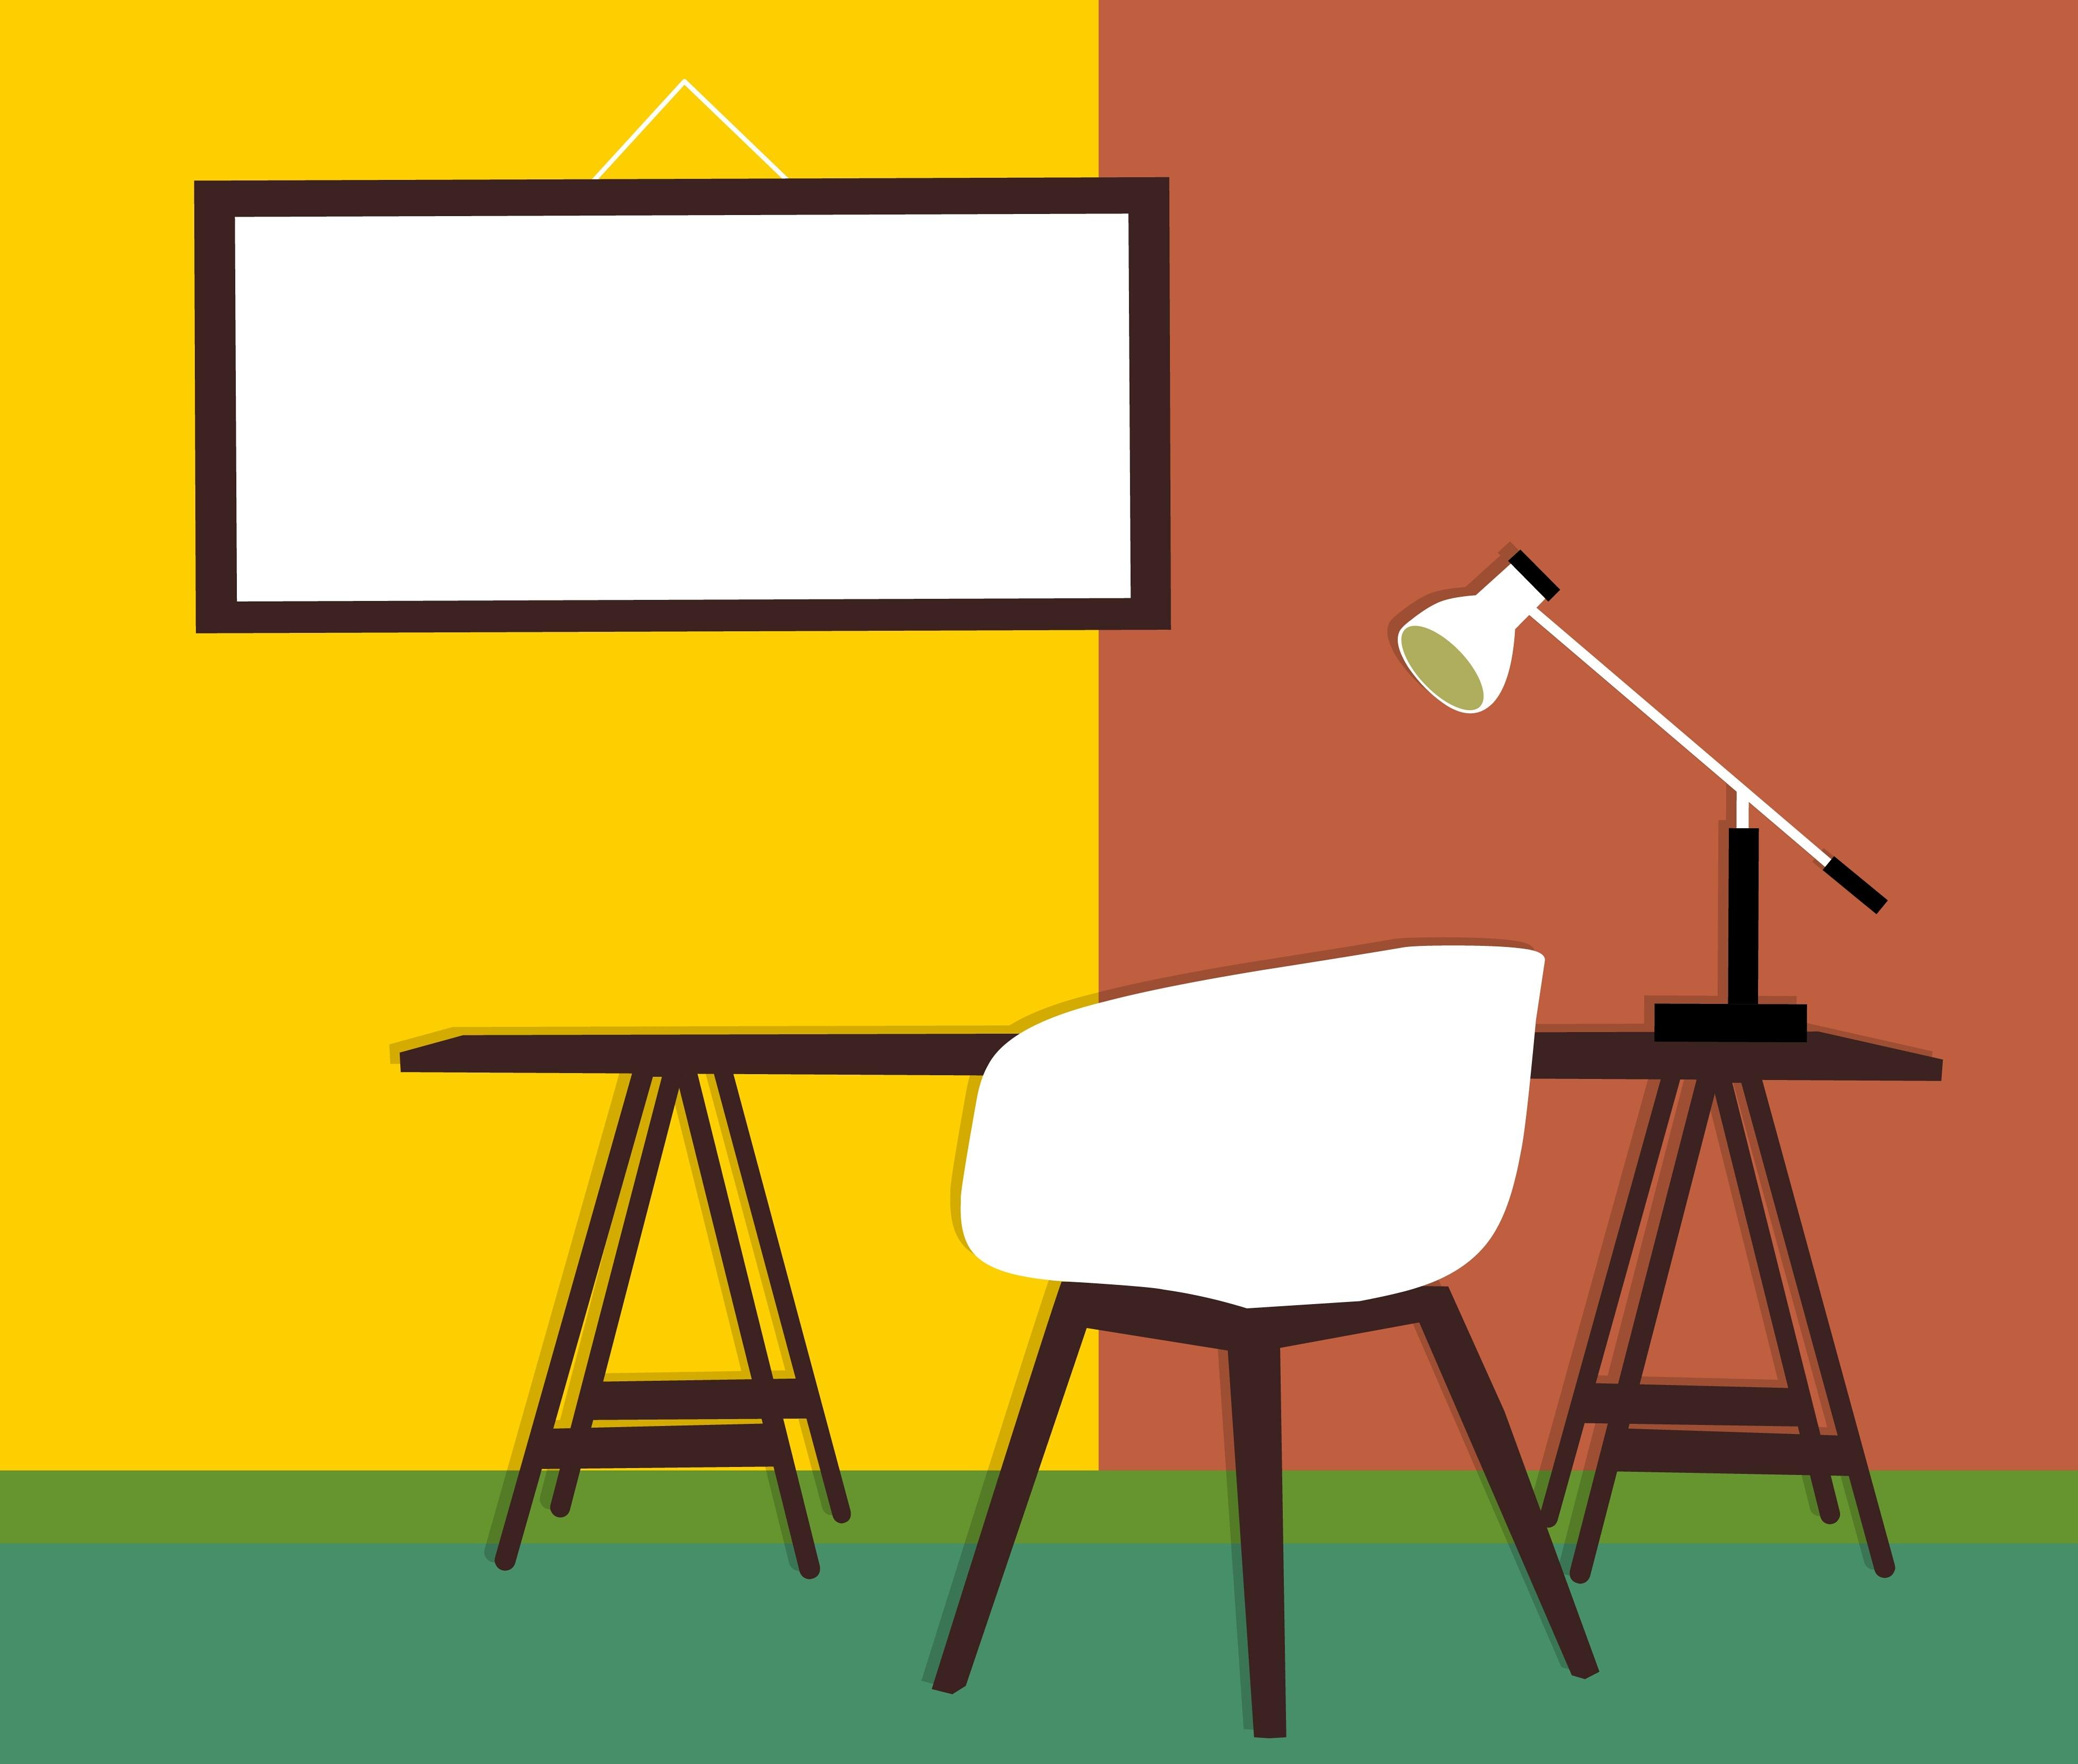 Hervorragend Arbeitsplatz Zimmer Entwurf Arts Architecture Zeitgenössisch Mauer Bild Die  Architektur Kunst Die Glühbirne Beige Gelb Tabelle